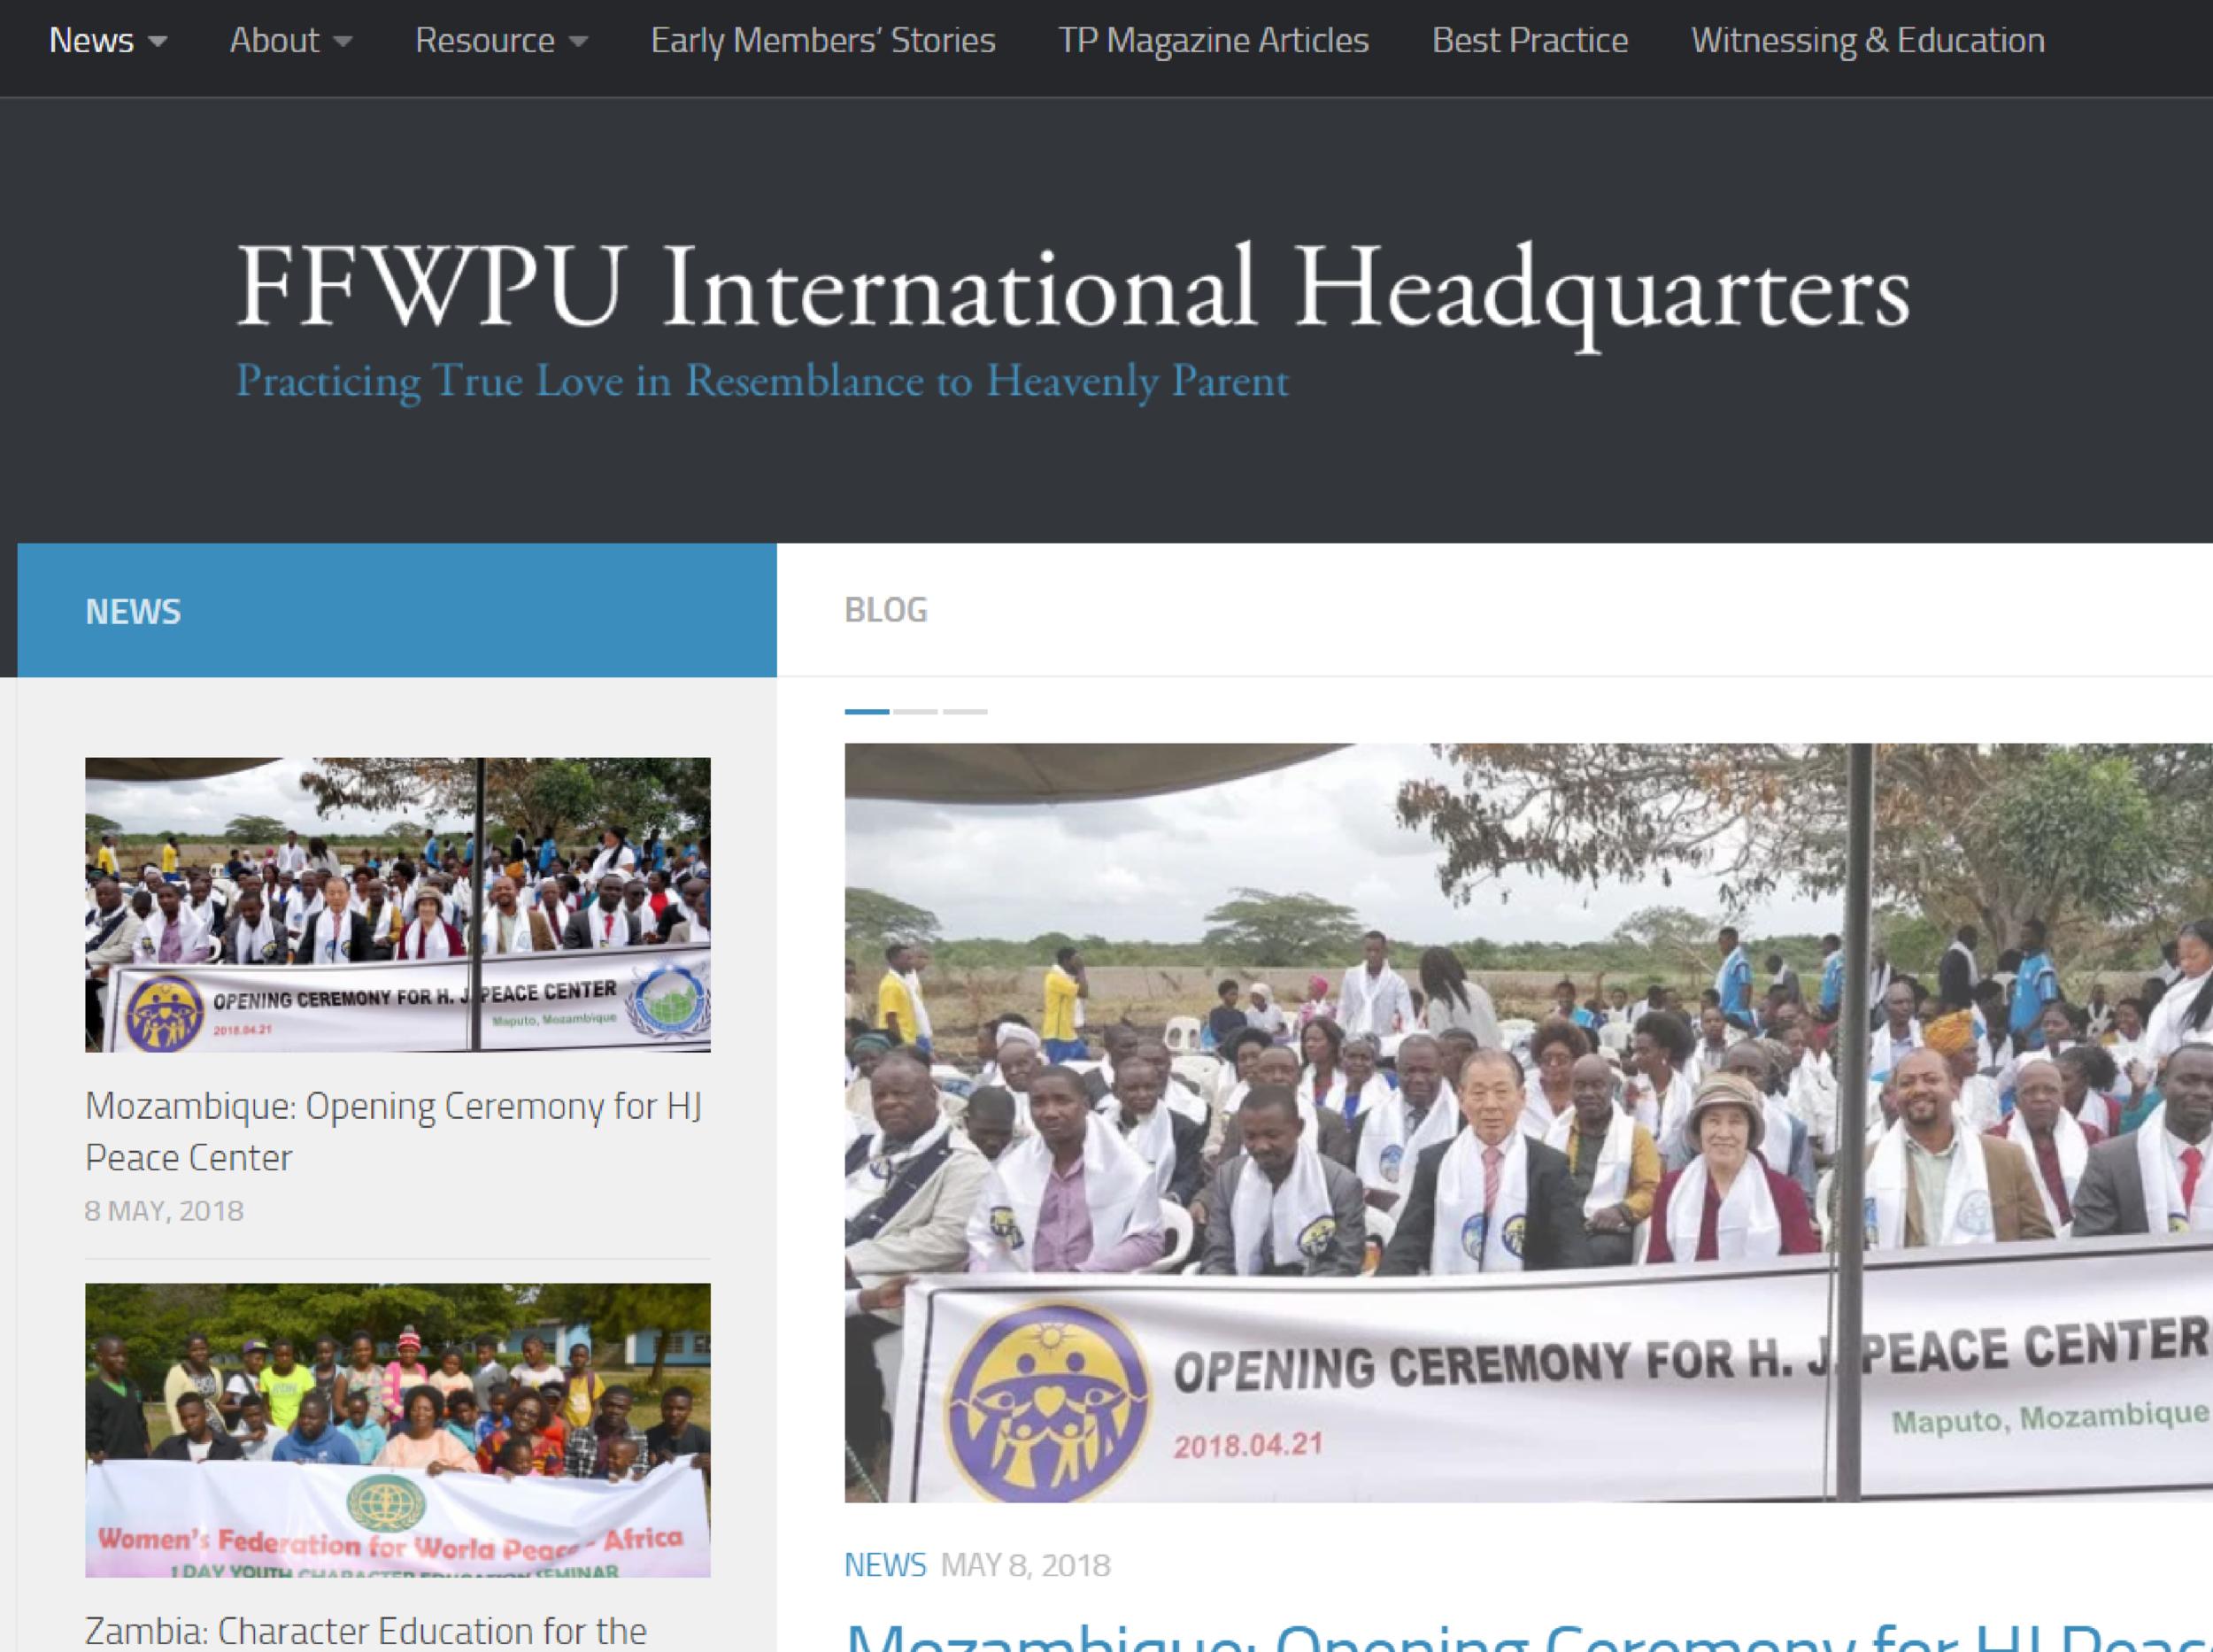 FFWPU International HQ